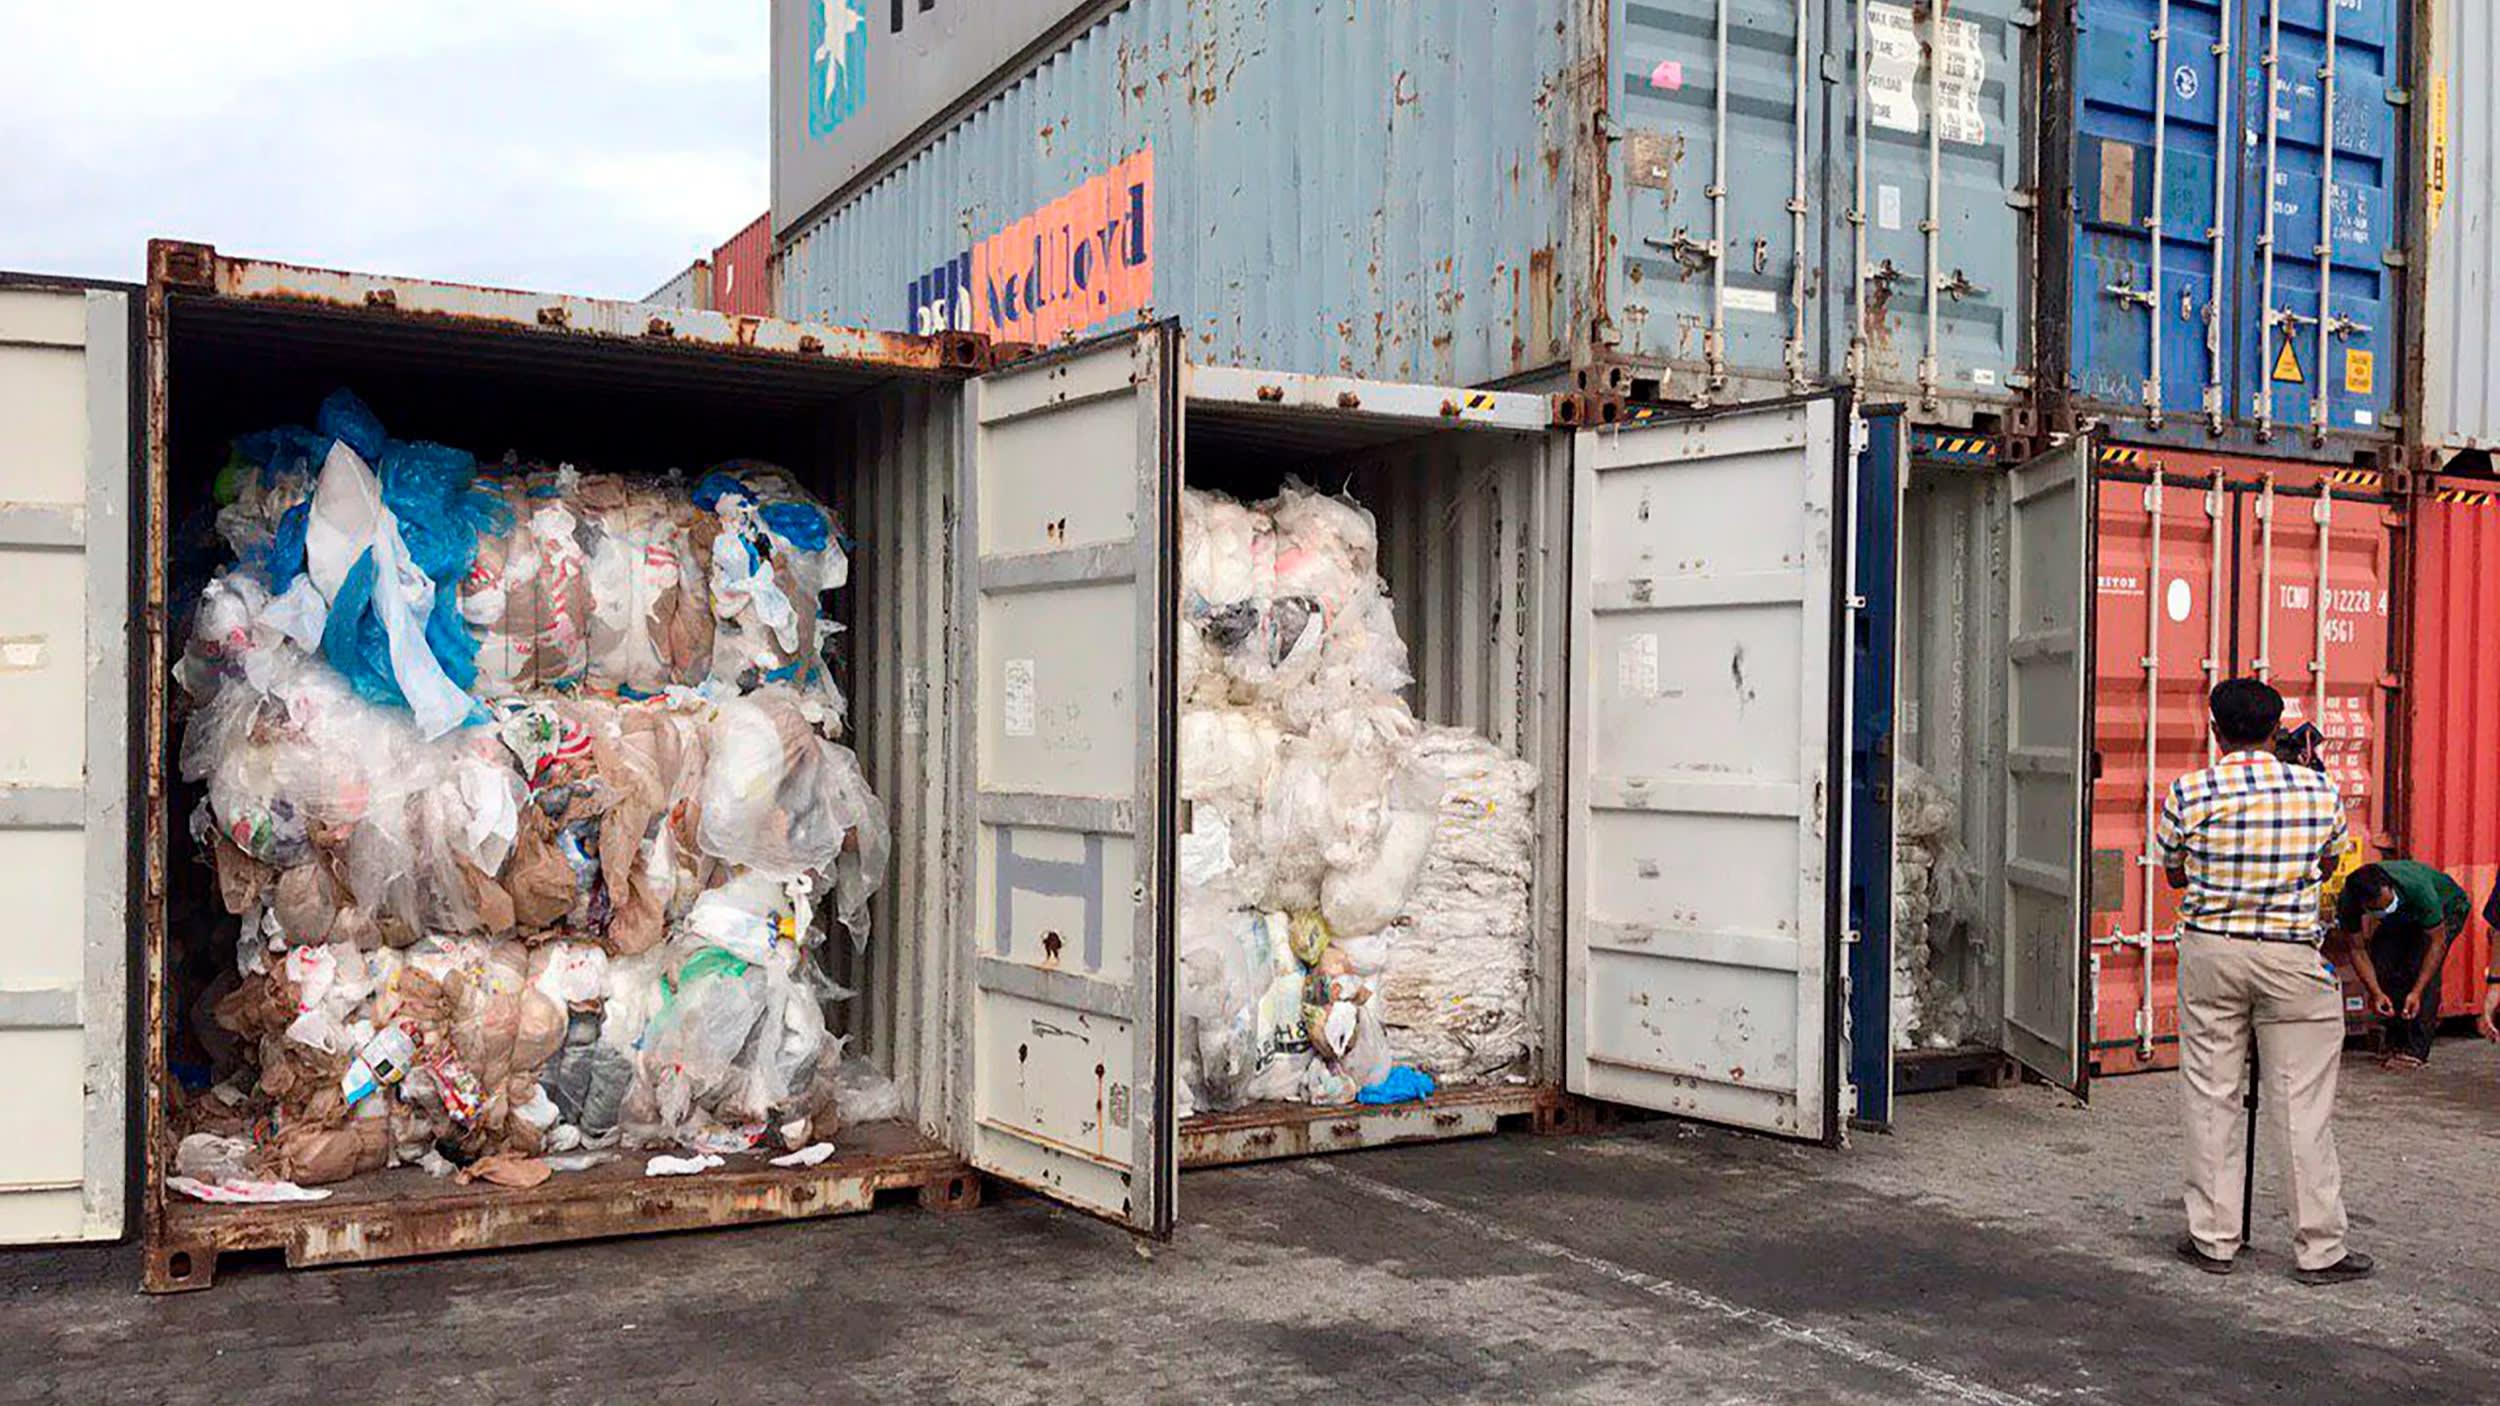 Campuchia thẳng thừng gửi trả 1.600 tấn rác thải cho Mỹ và Canada - 1